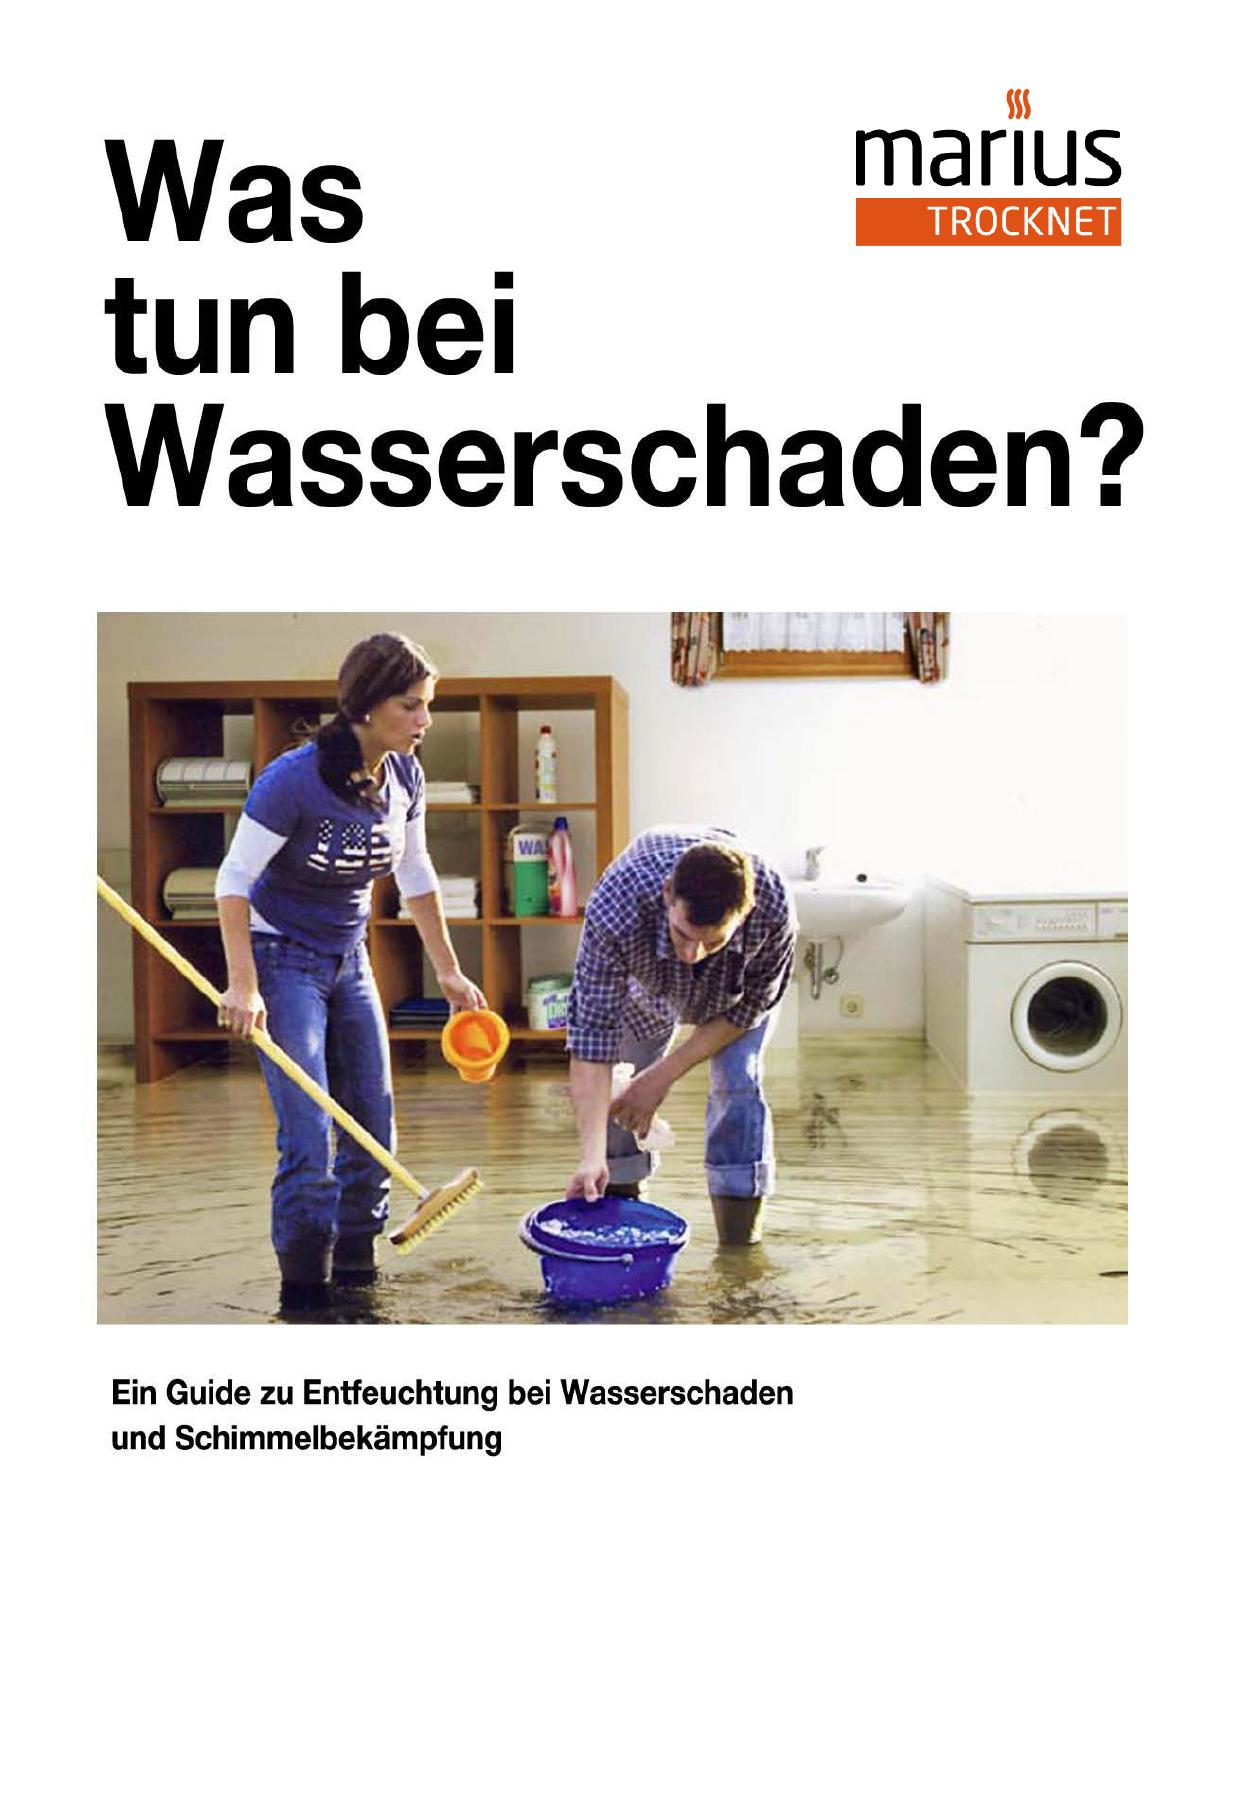 Was tun bei Wasserschaden - Wasserschaden Entfeuchtung Wien